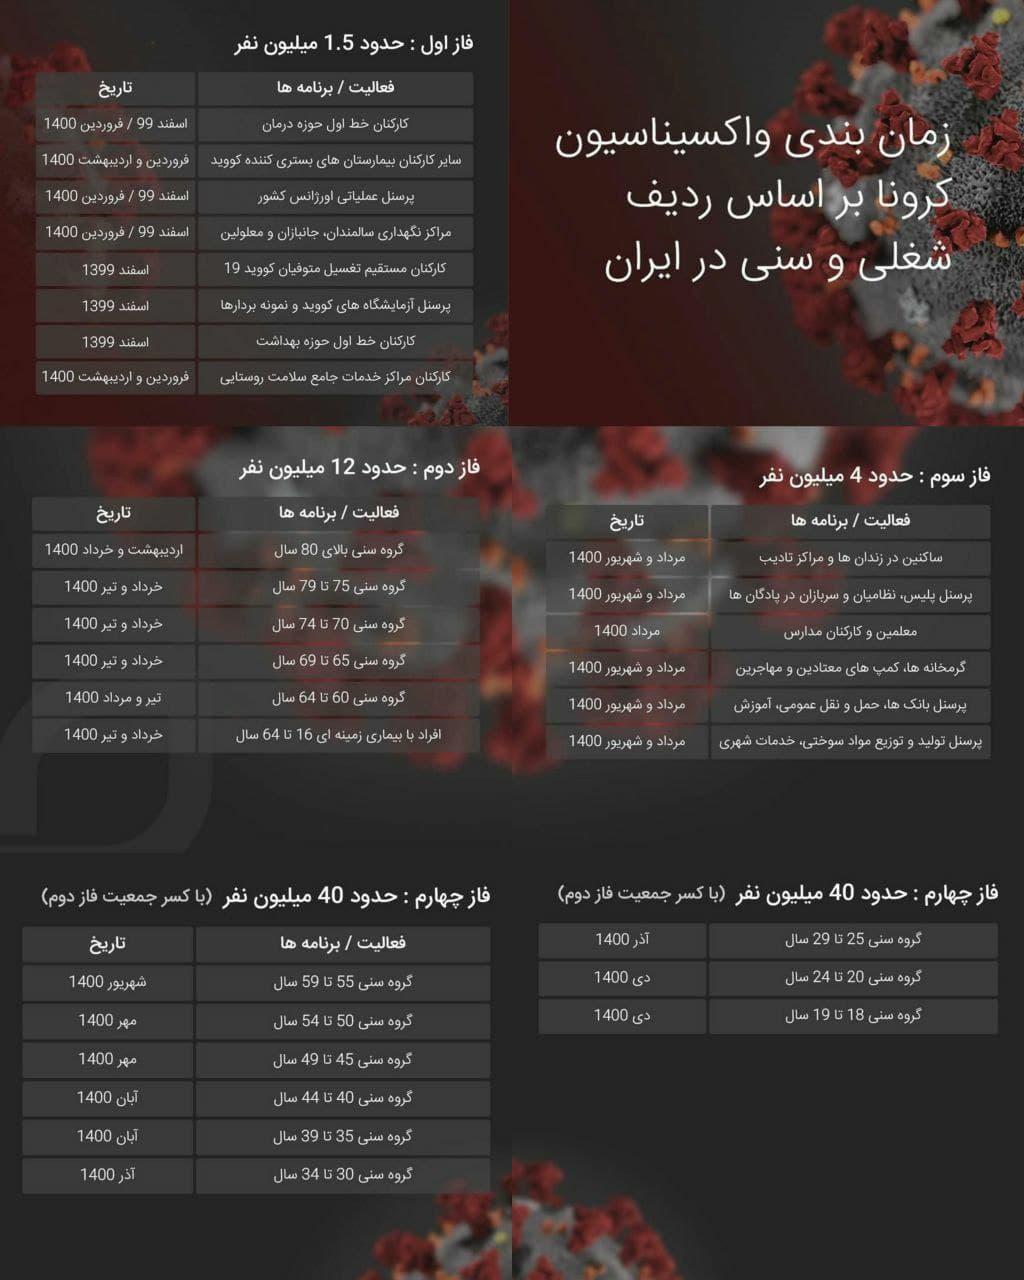 اعلام زمان بندی واکسیناسیون کرونا بر اساس ردیف شغلی و سنی در ایران